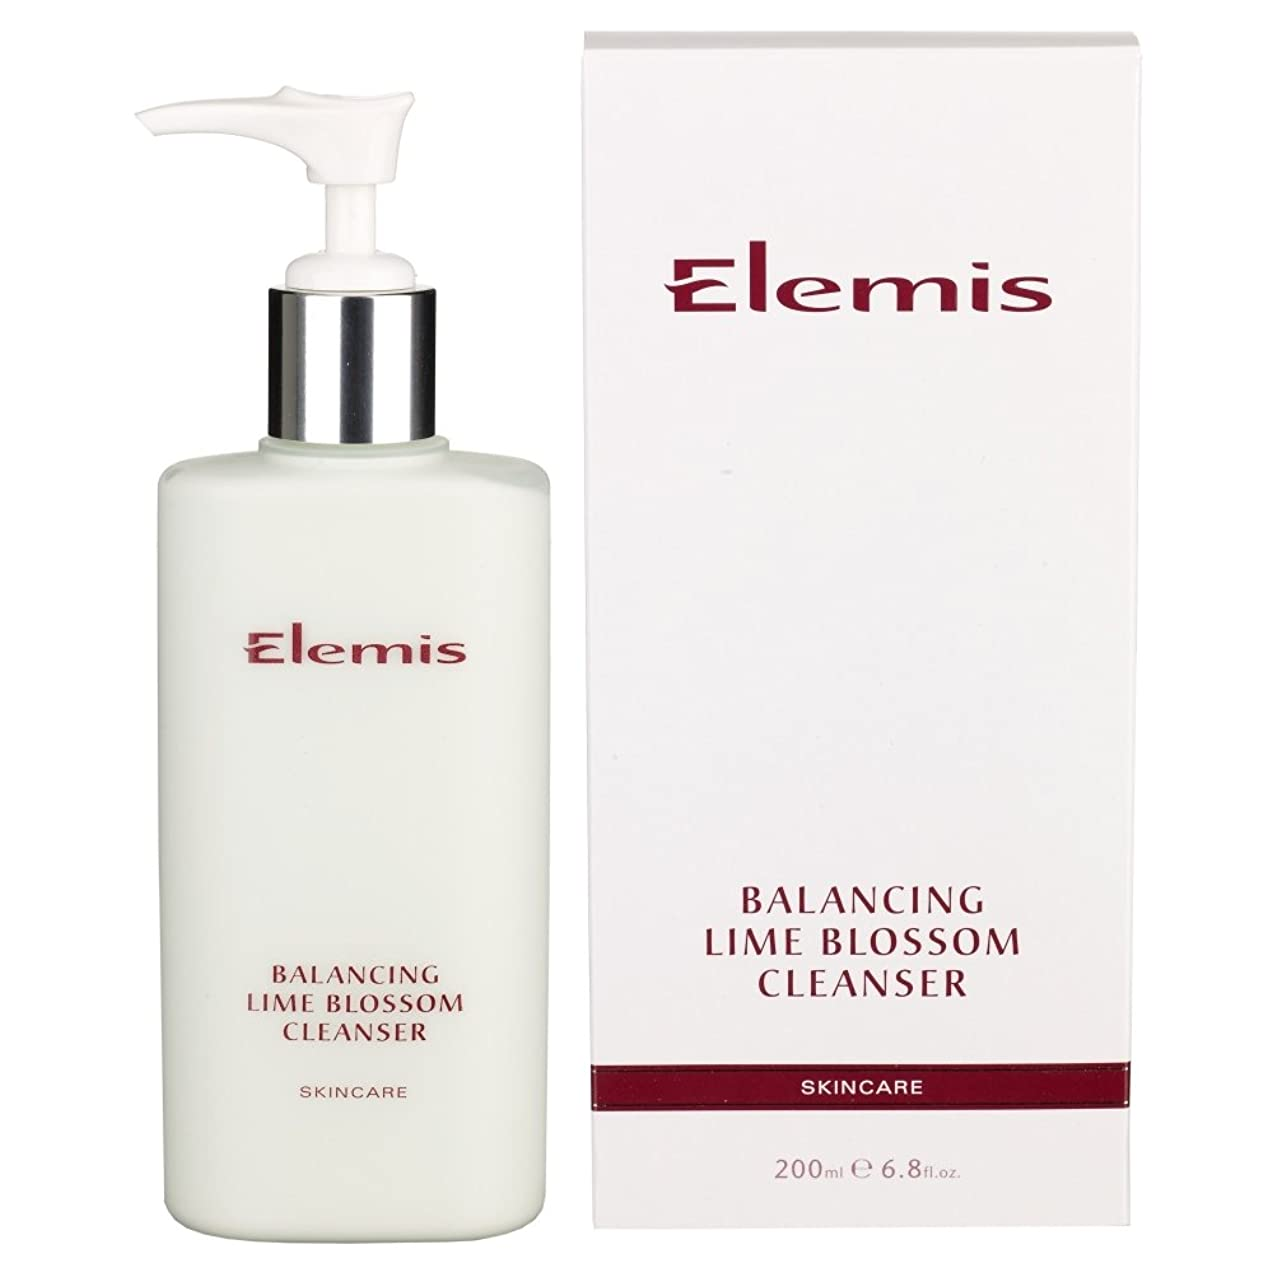 許容できるバングラデシュメジャーライムブロッサムクレンザーのバランスをとります (Elemis) (x2) - Balancing Lime Blossom Cleanser (Pack of 2) [並行輸入品]